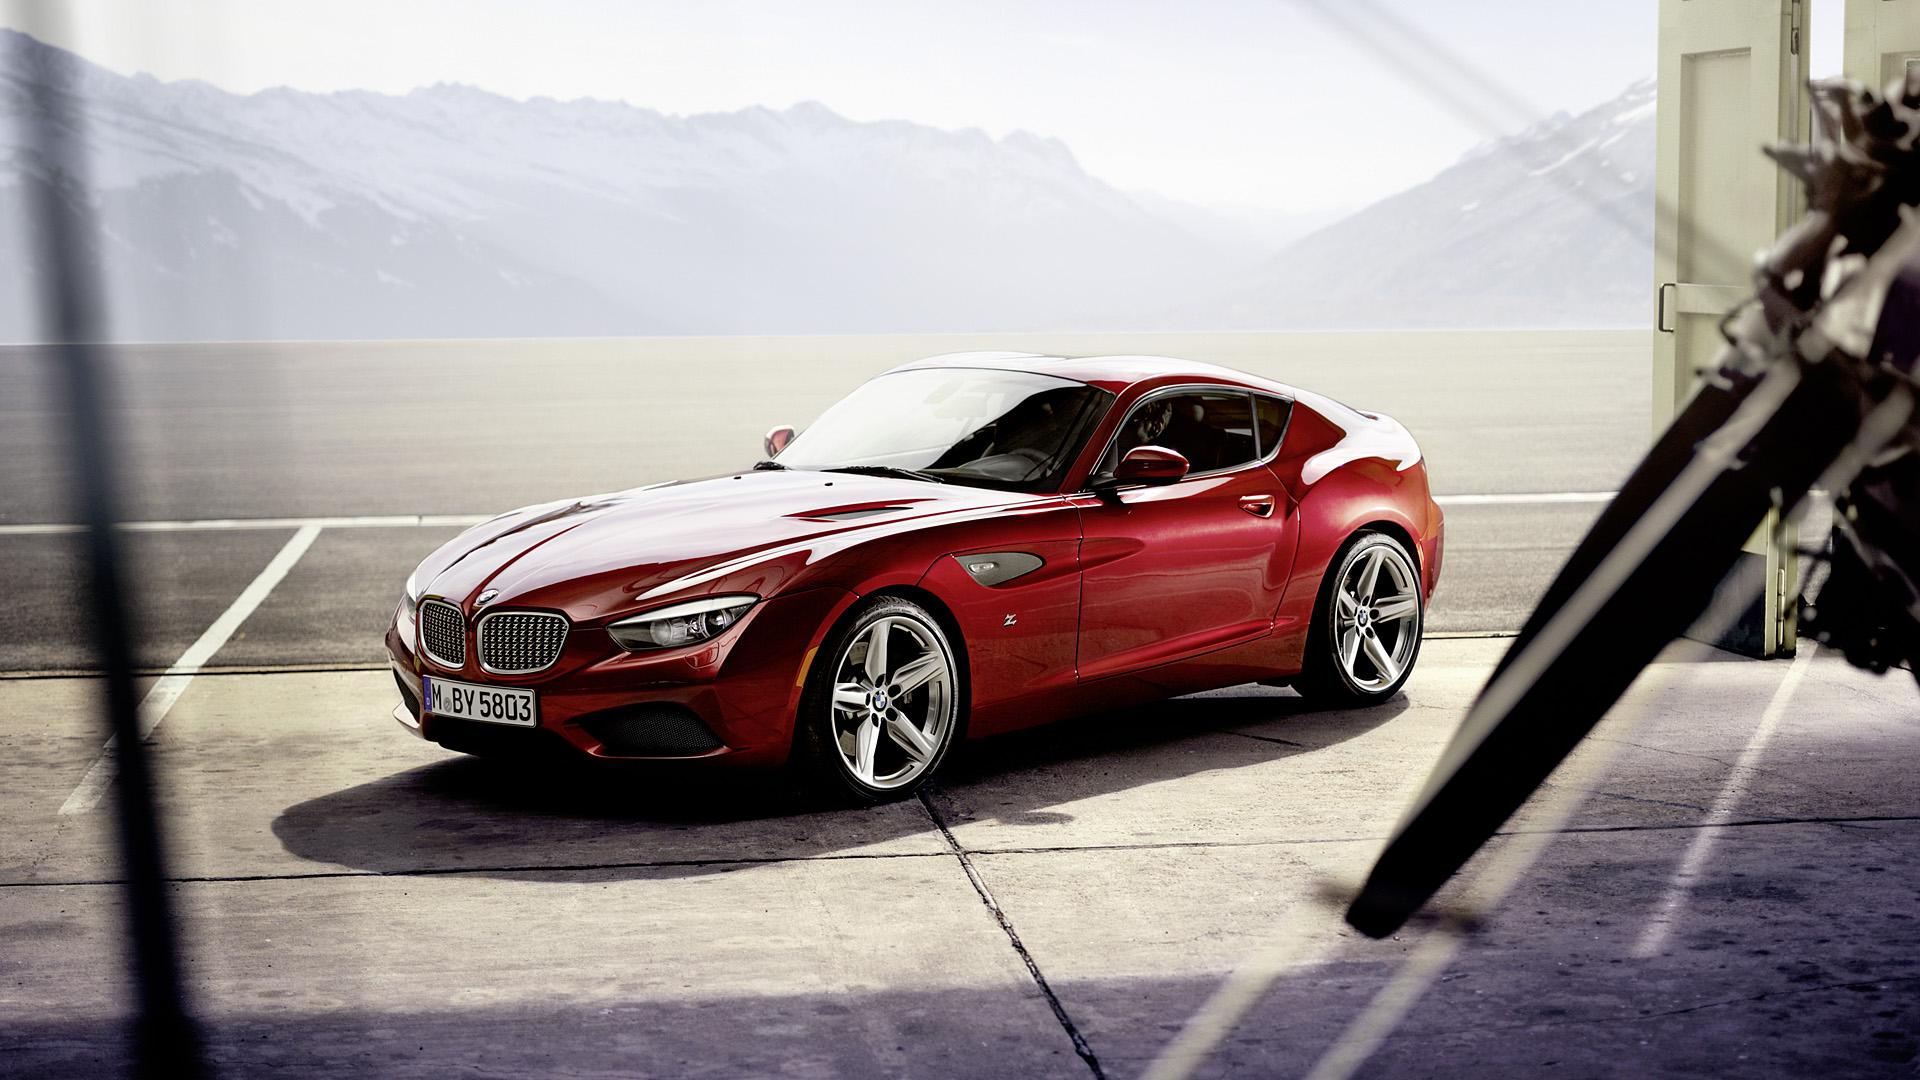 Awesome BMW Zagato Wallpaper